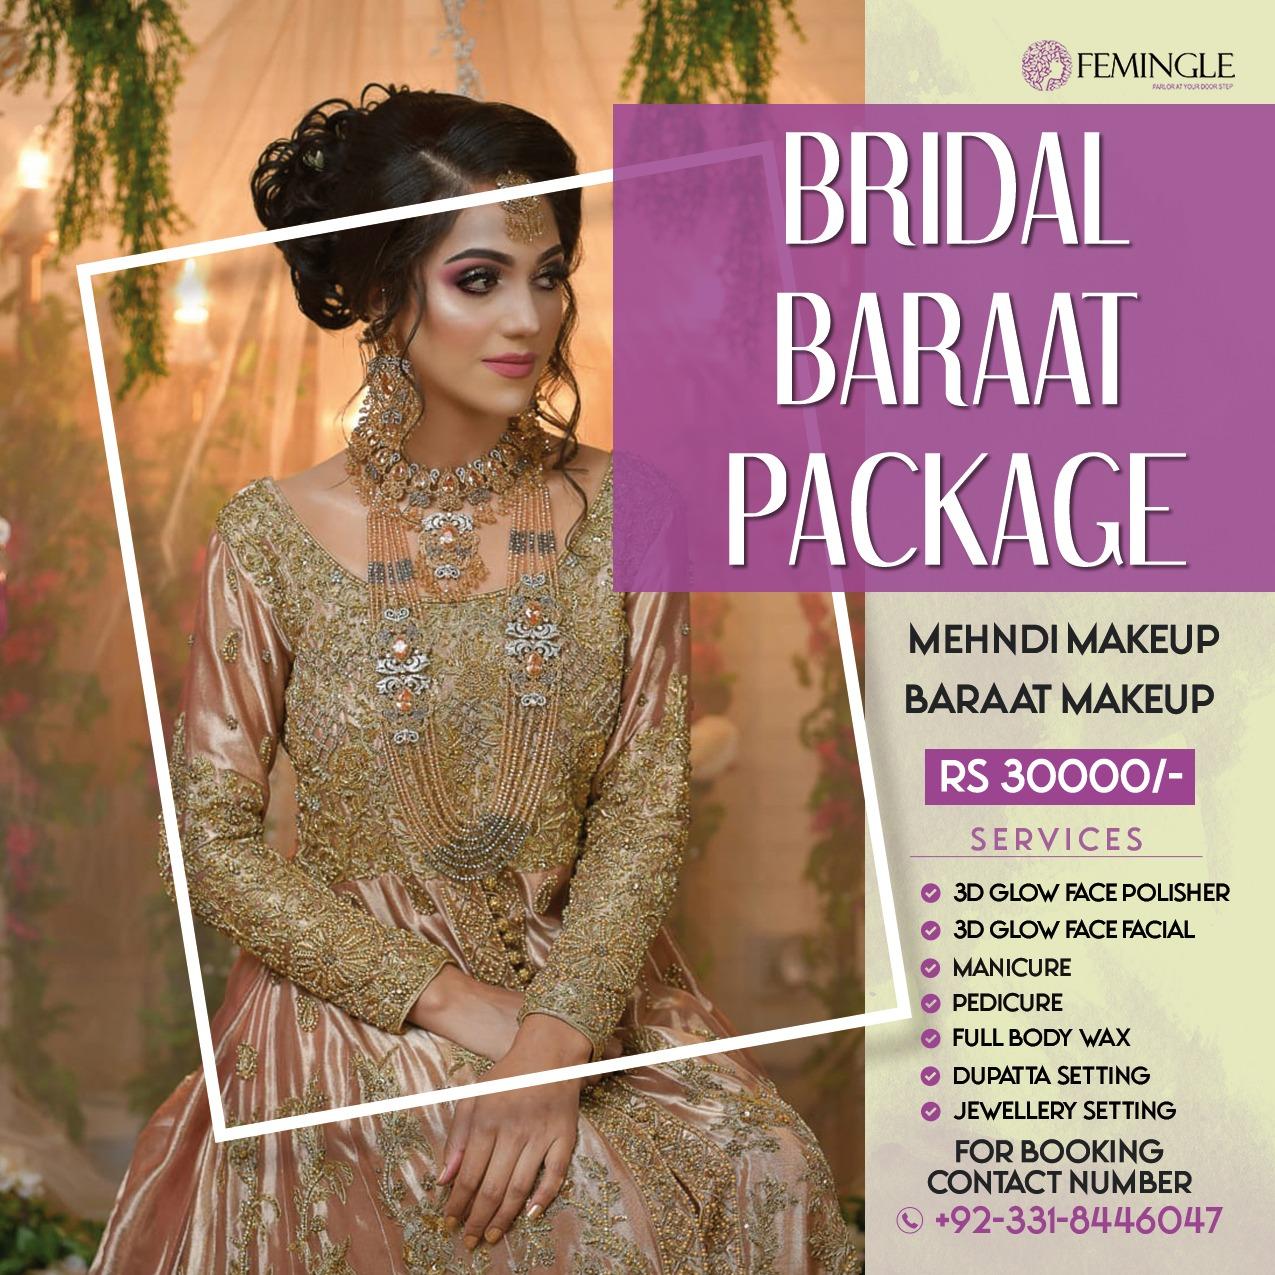 Bridal Makeup Deals and Services